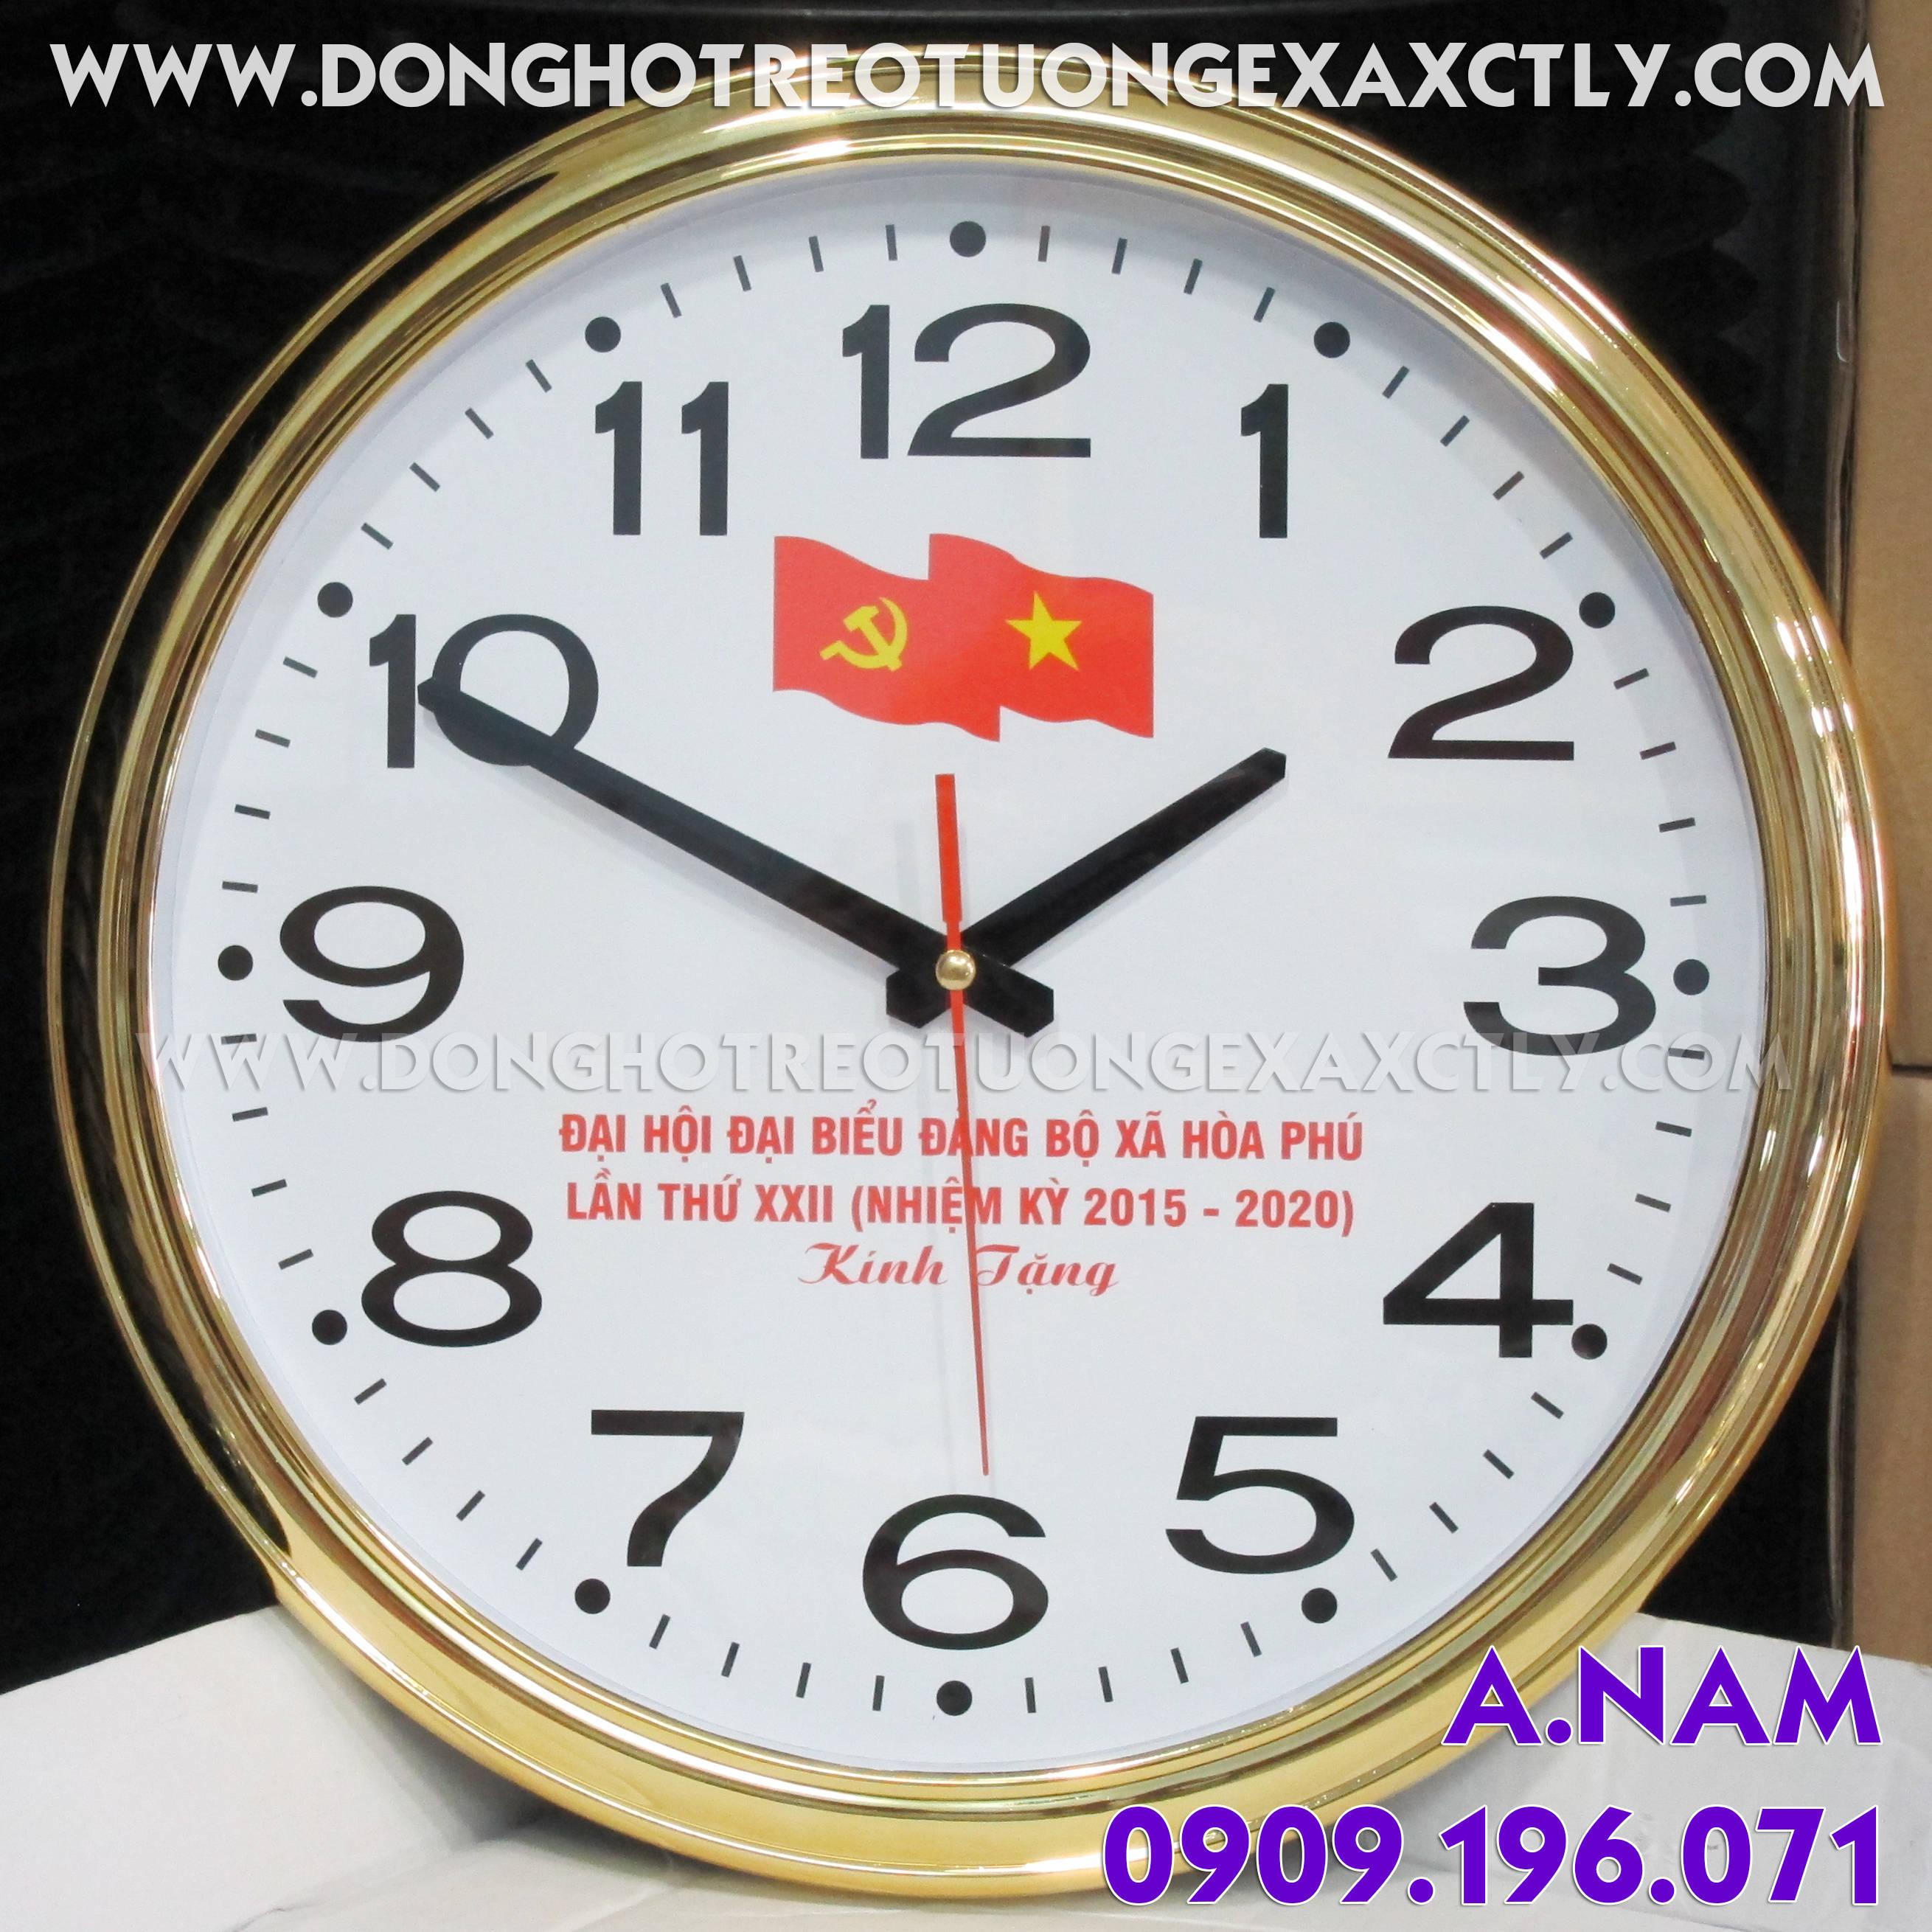 đồng hồ treo tường Đại hội đảng Xã Hòa Phú